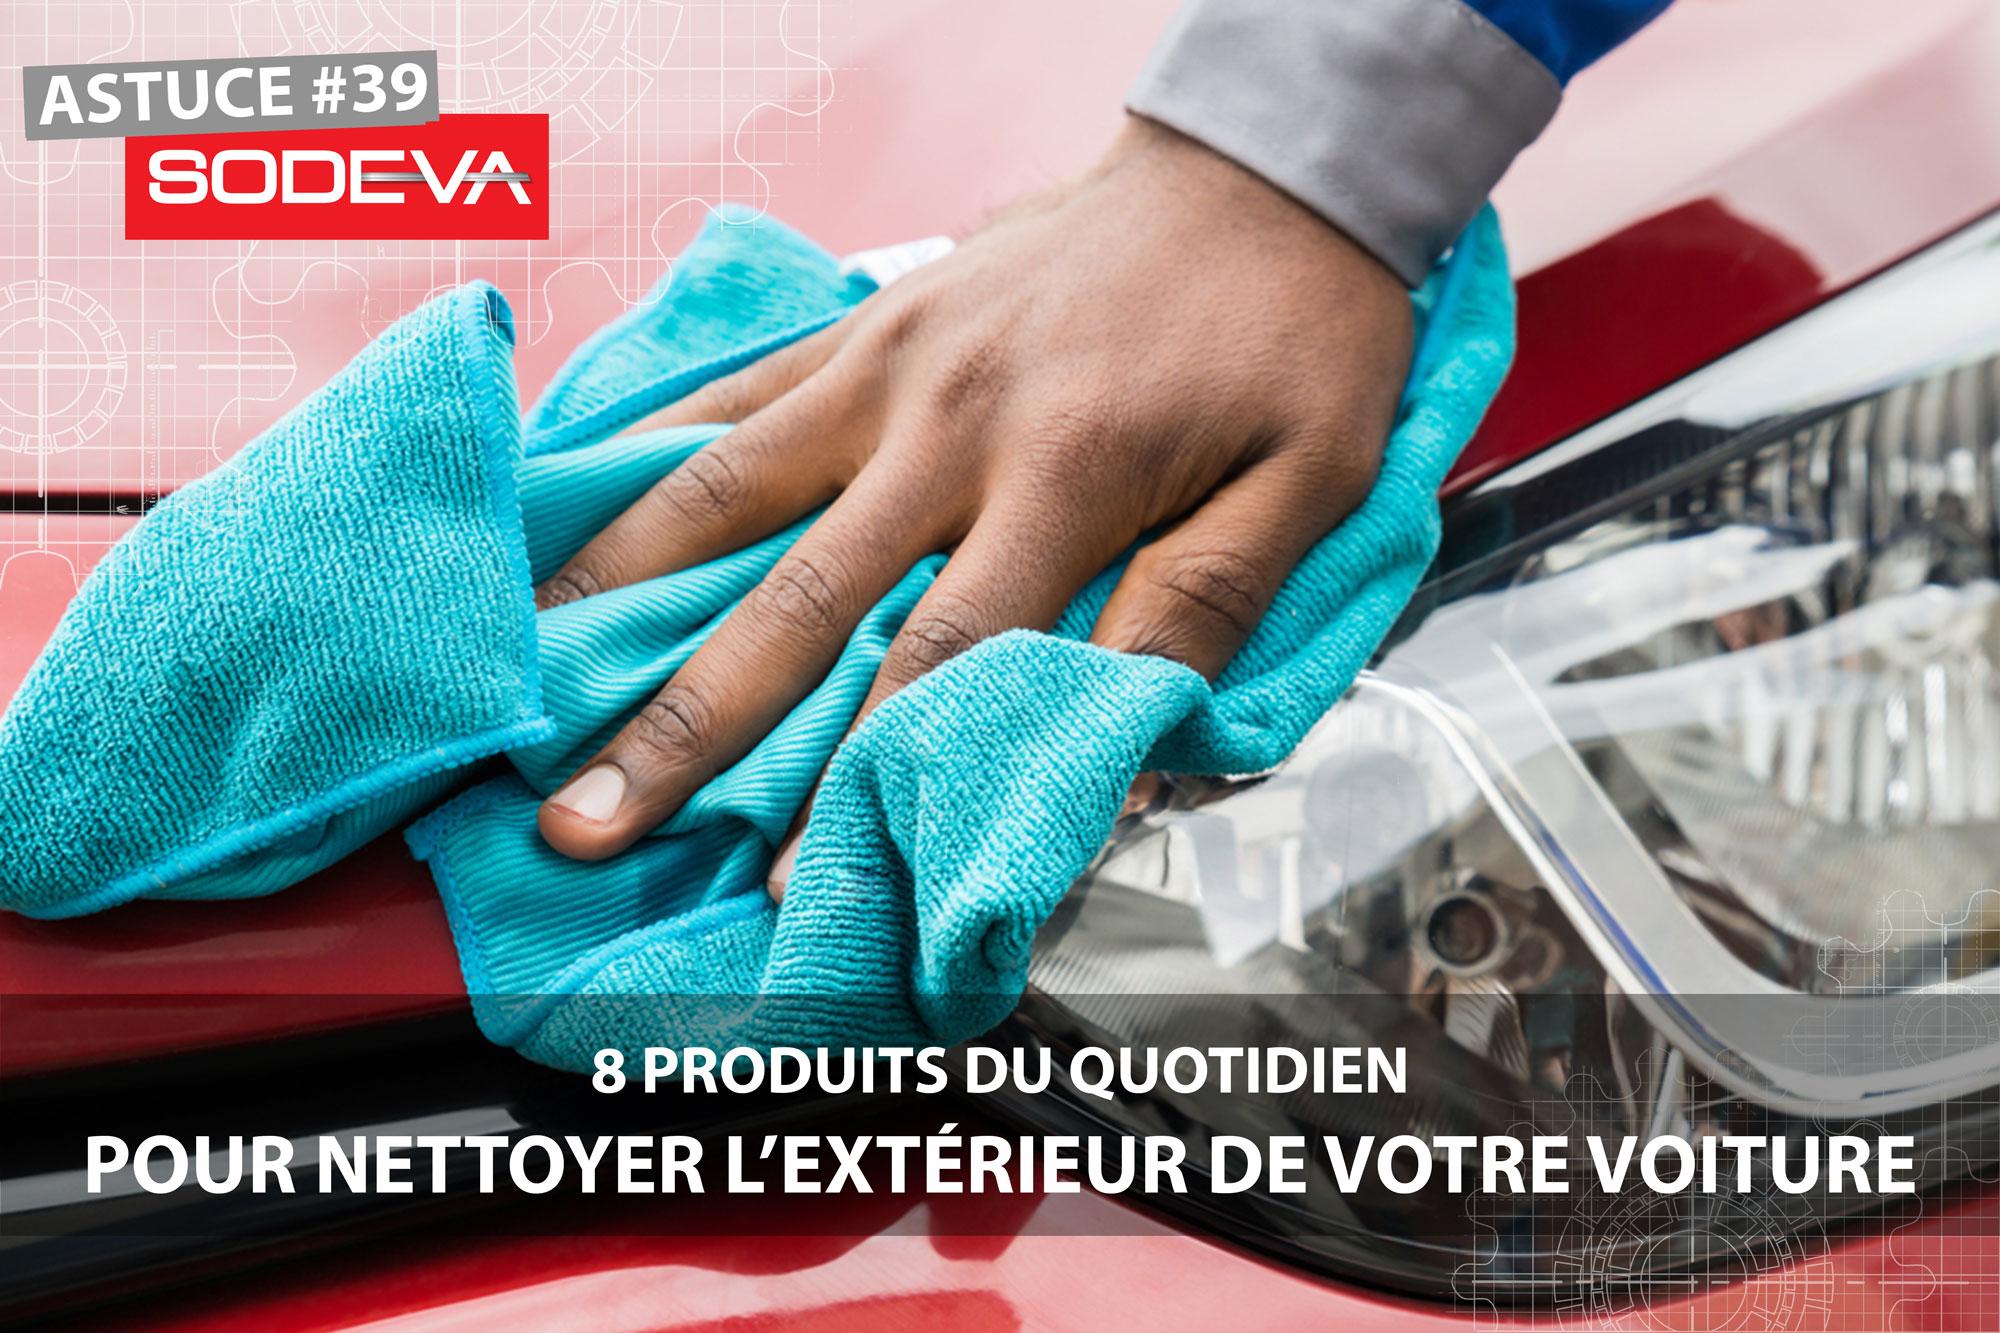 Produits du quotidien pour nettoyer l'extérieur de votre voiture